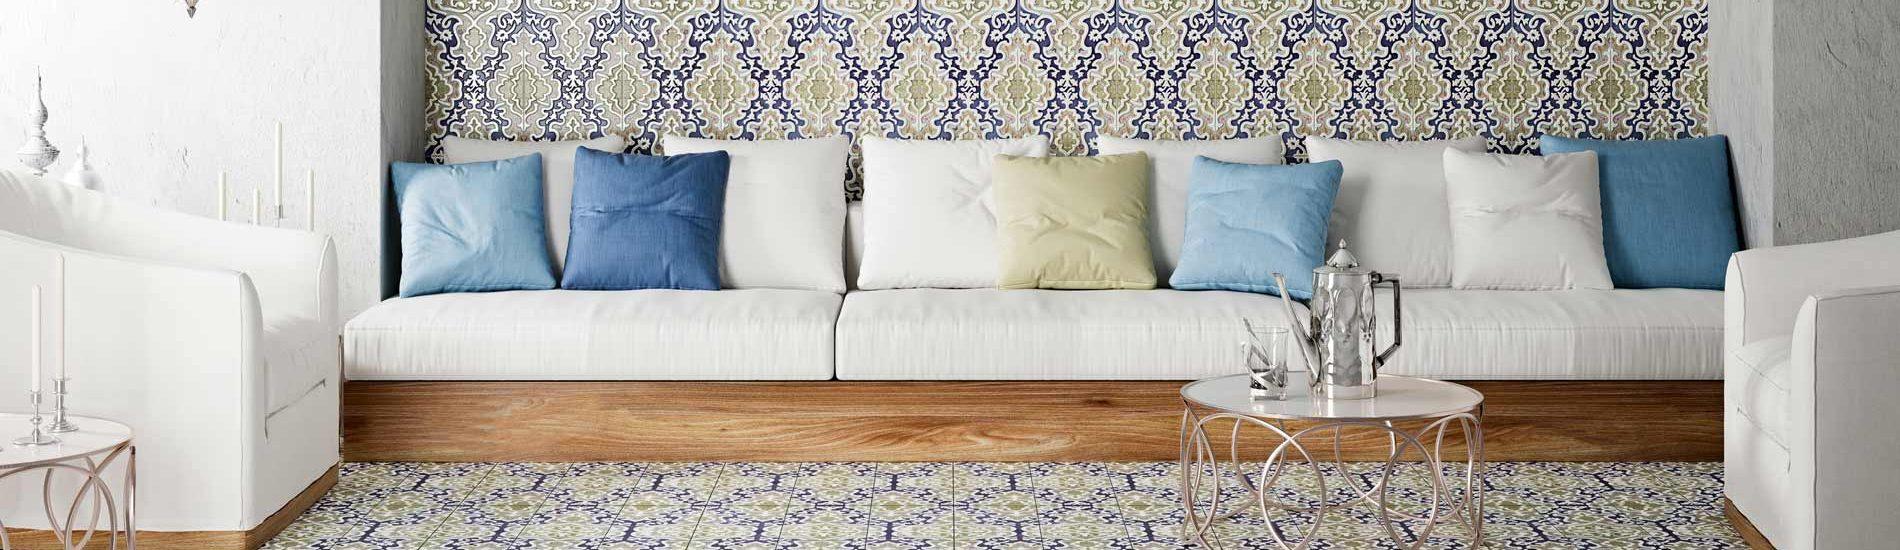 banner-tawriq-spanish-cement-deco-floor-wall-tile-aparici-apavisa